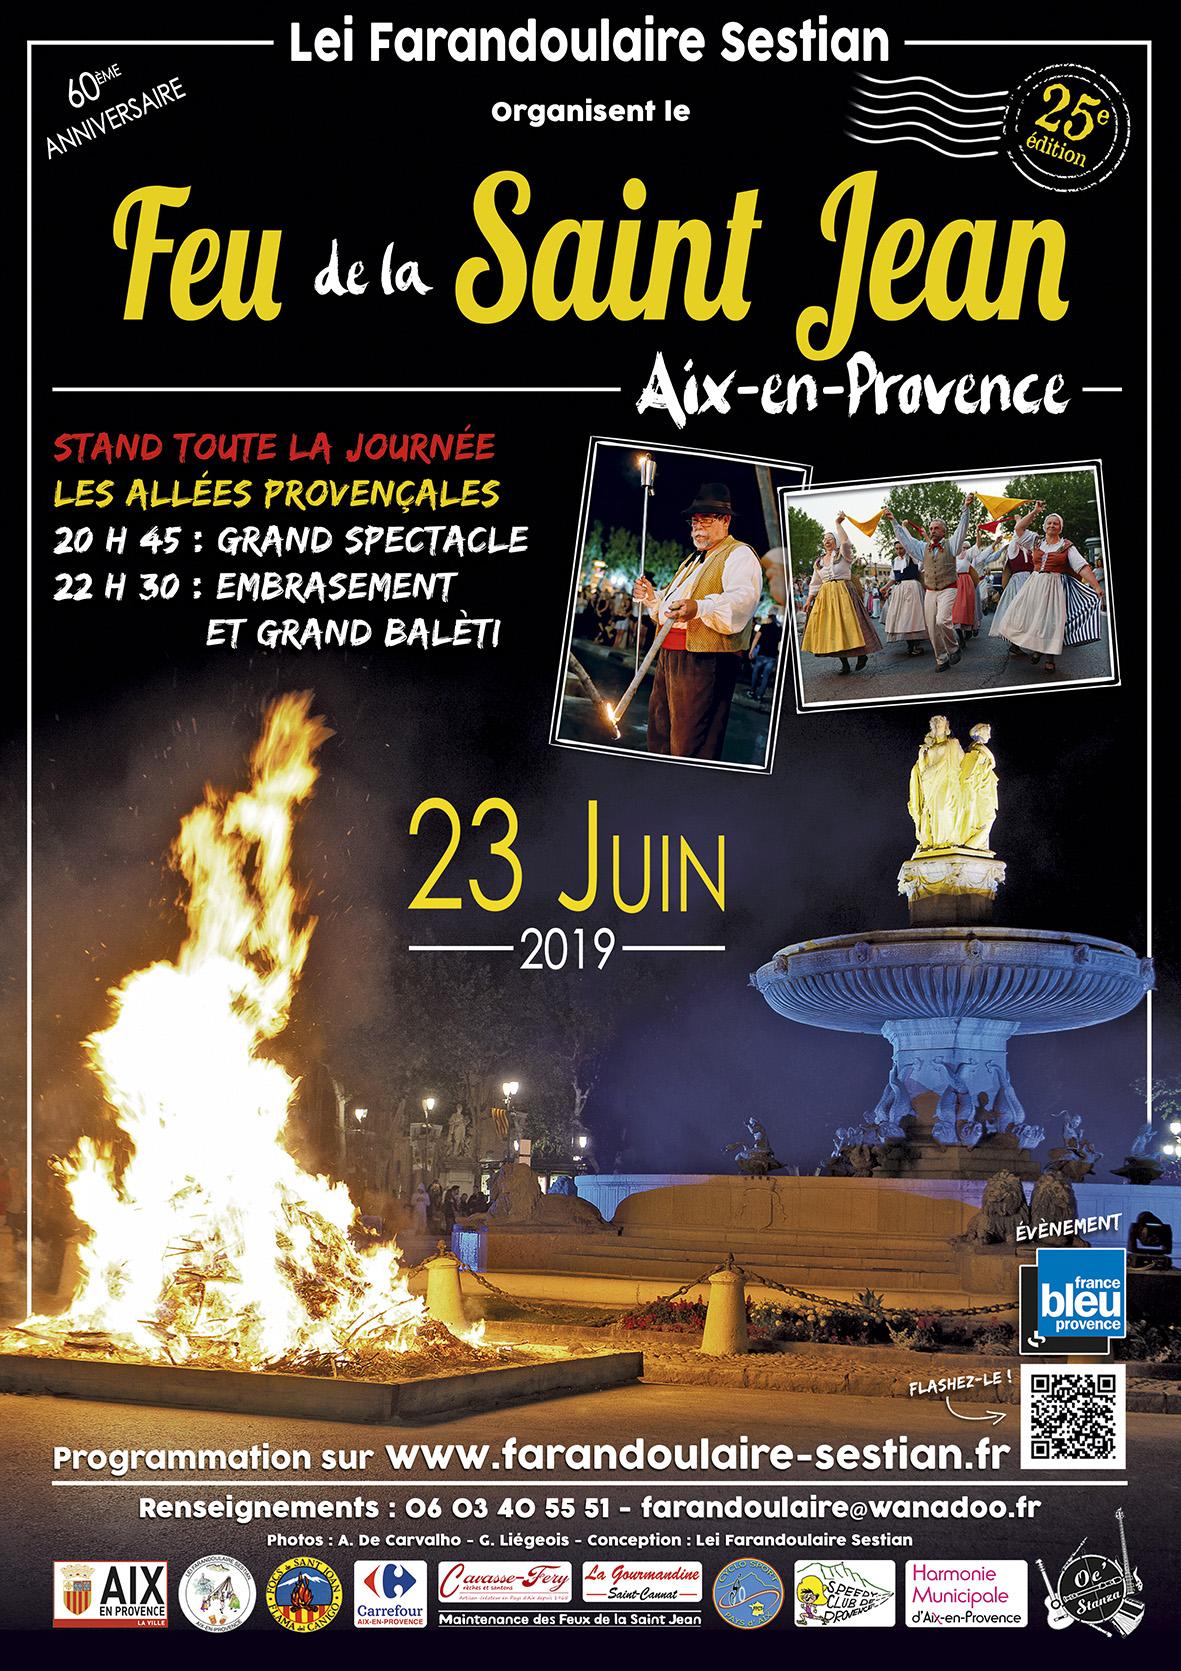 St Jean 2019-A4 Web ok